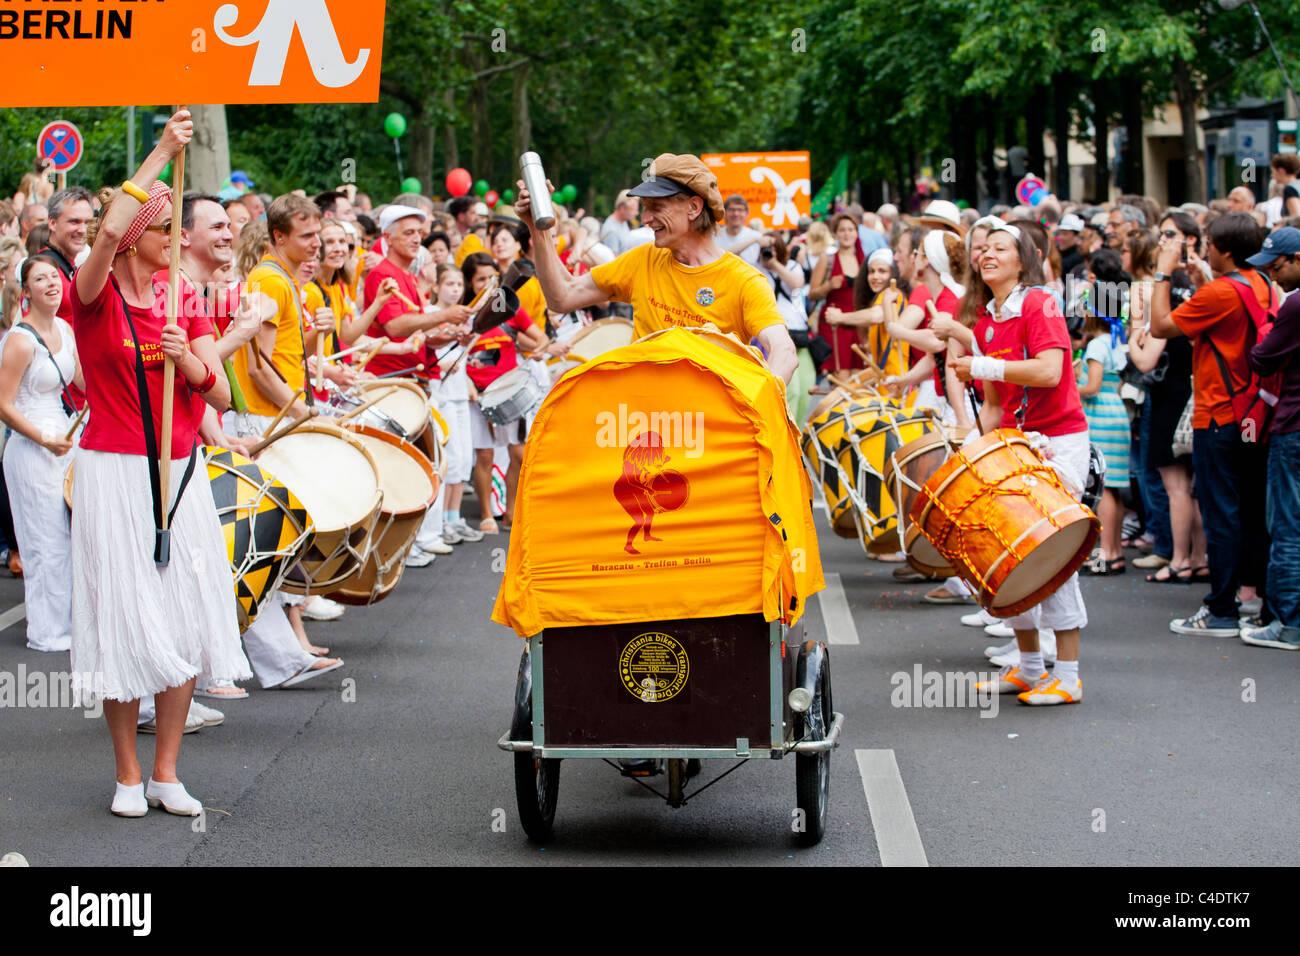 Karneval der Kulturen, Trommeln, Trommeln, Berlin, Festival, Menschen, Menschenmenge, gelb, Gelb, Parade Stockbild